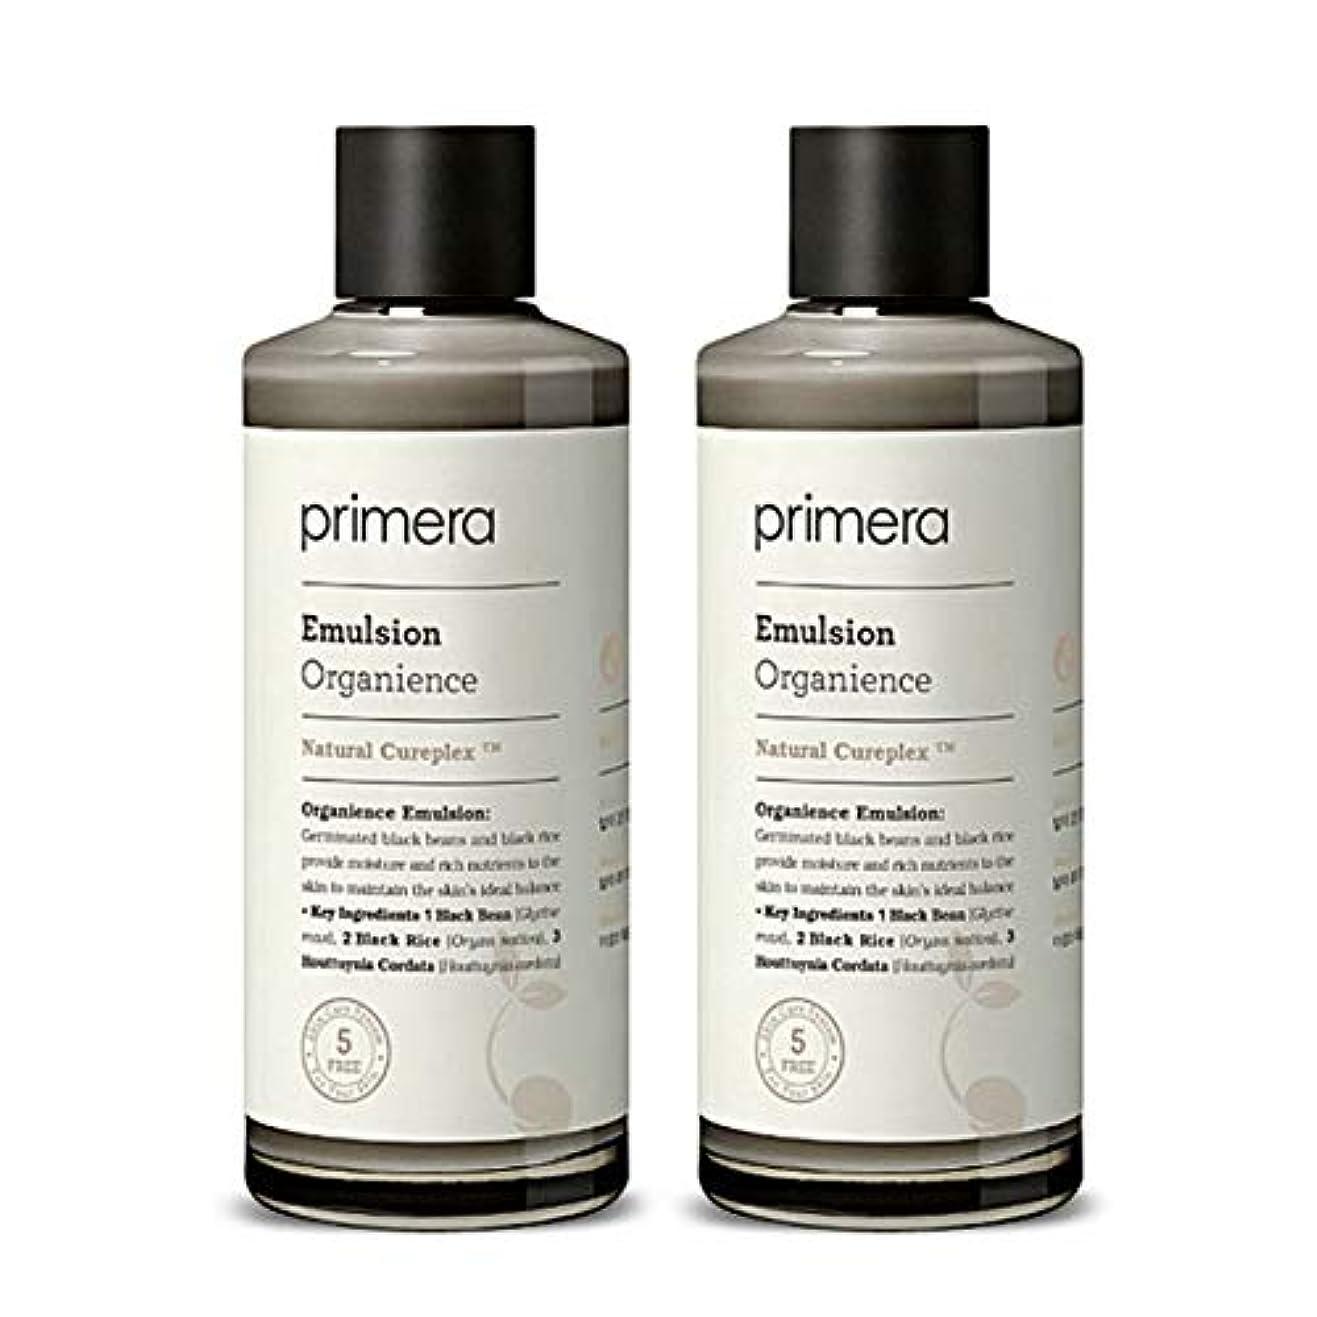 神聖反逆繁雑プリメラオカニオンスエマルジョン150ml x 2本セット、Primera Organience Emulsion 150ml x 2ea Set [並行輸入品]